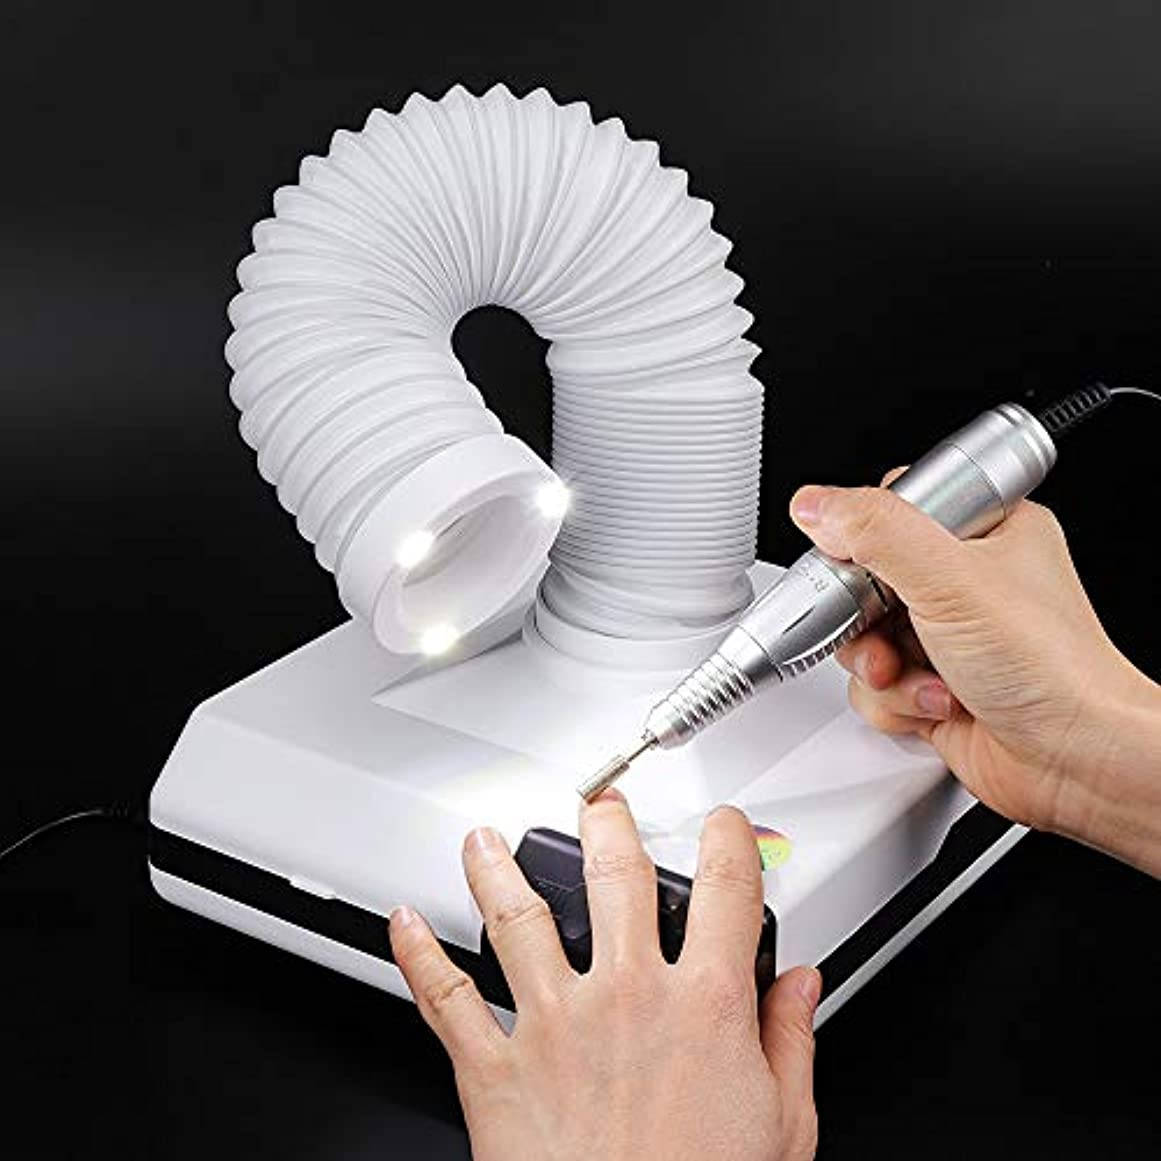 販売計画壁貞60W 3LED付き 2wayネイルダストコレクター ネイル吸引集塵機 ネイル掃除機 ネイルアート用品